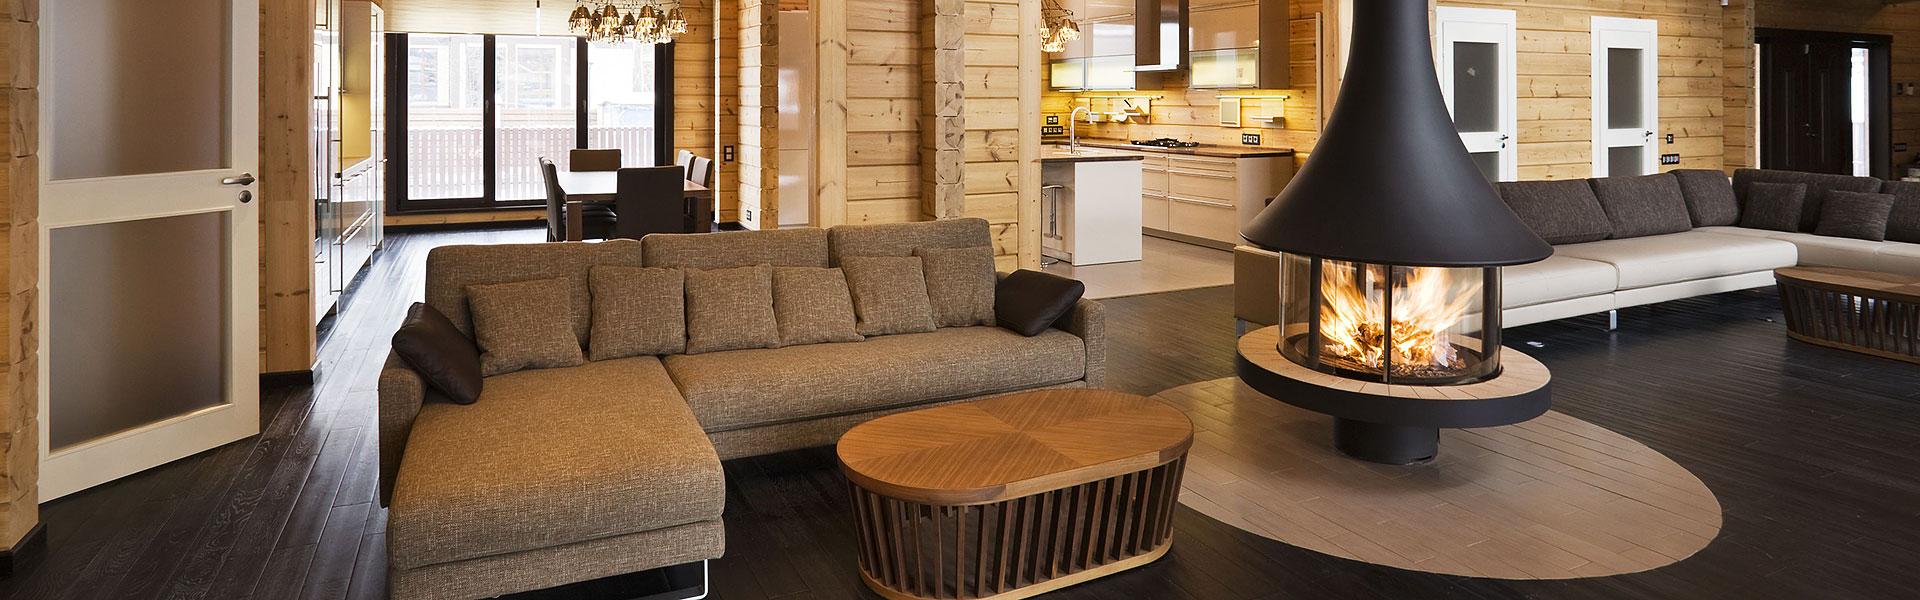 Rovaniemi Casas de Madera proporciona casas de madera de calidad de la Laponia finlandesa.